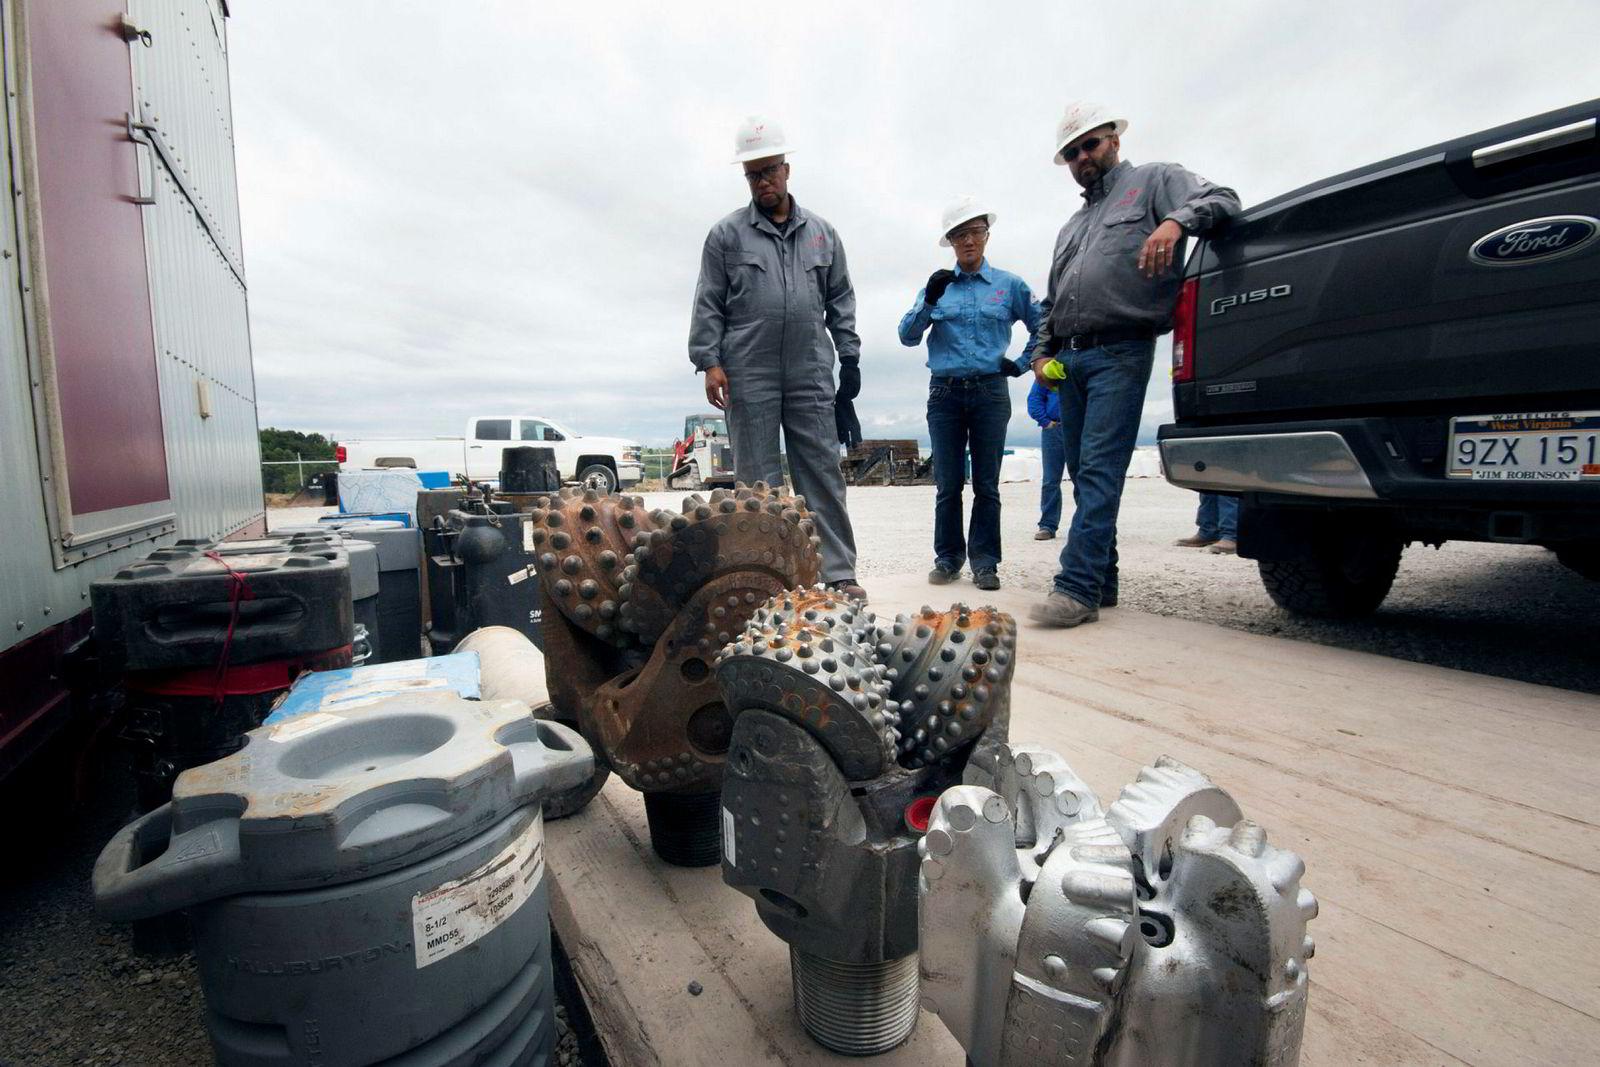 Borekroner er satt klare på produksjonsområdet Eisenbarth for å bore seg ned til de verdifulle gassfeltene i Ohio, der et av USAs største gassfelt ligger. Colin Hecker viser frem borekronene til Equinors Tracy Quon og kommunikasjonsrådgiver Hasting Stewart.